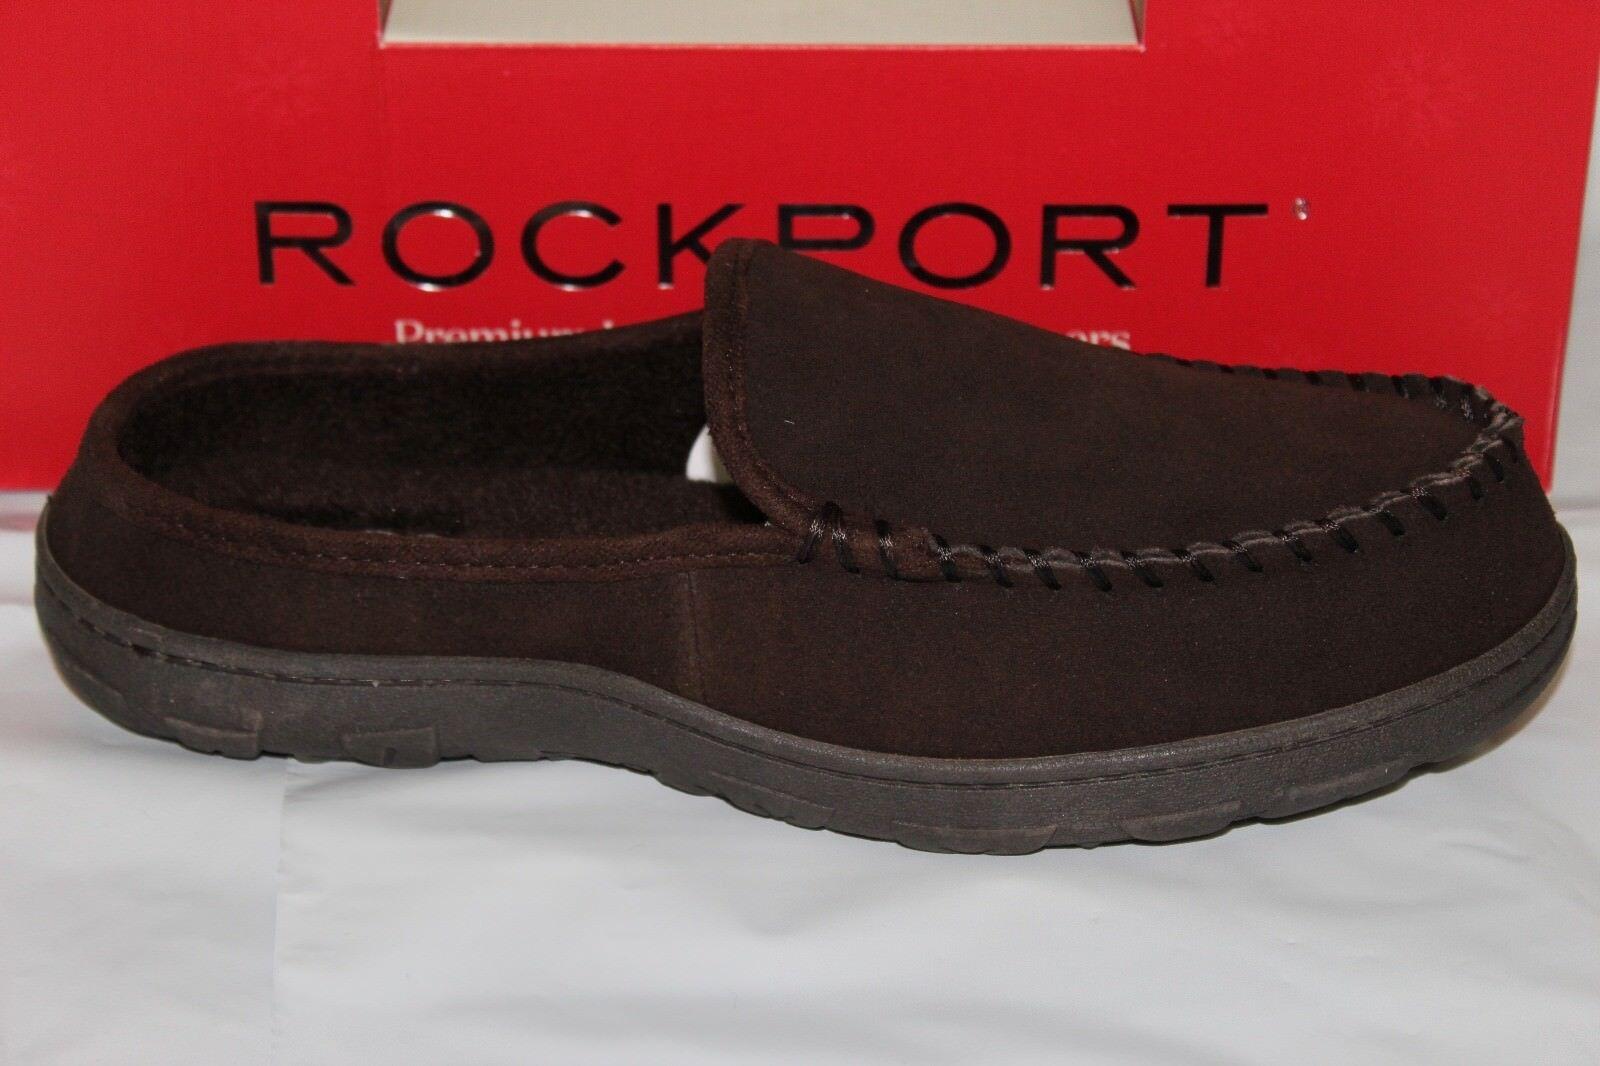 ROCKPORT MEN'S SUEDE INDOOR OUTDOOR CLOG SLIPPER, BROWN 71RQ670026